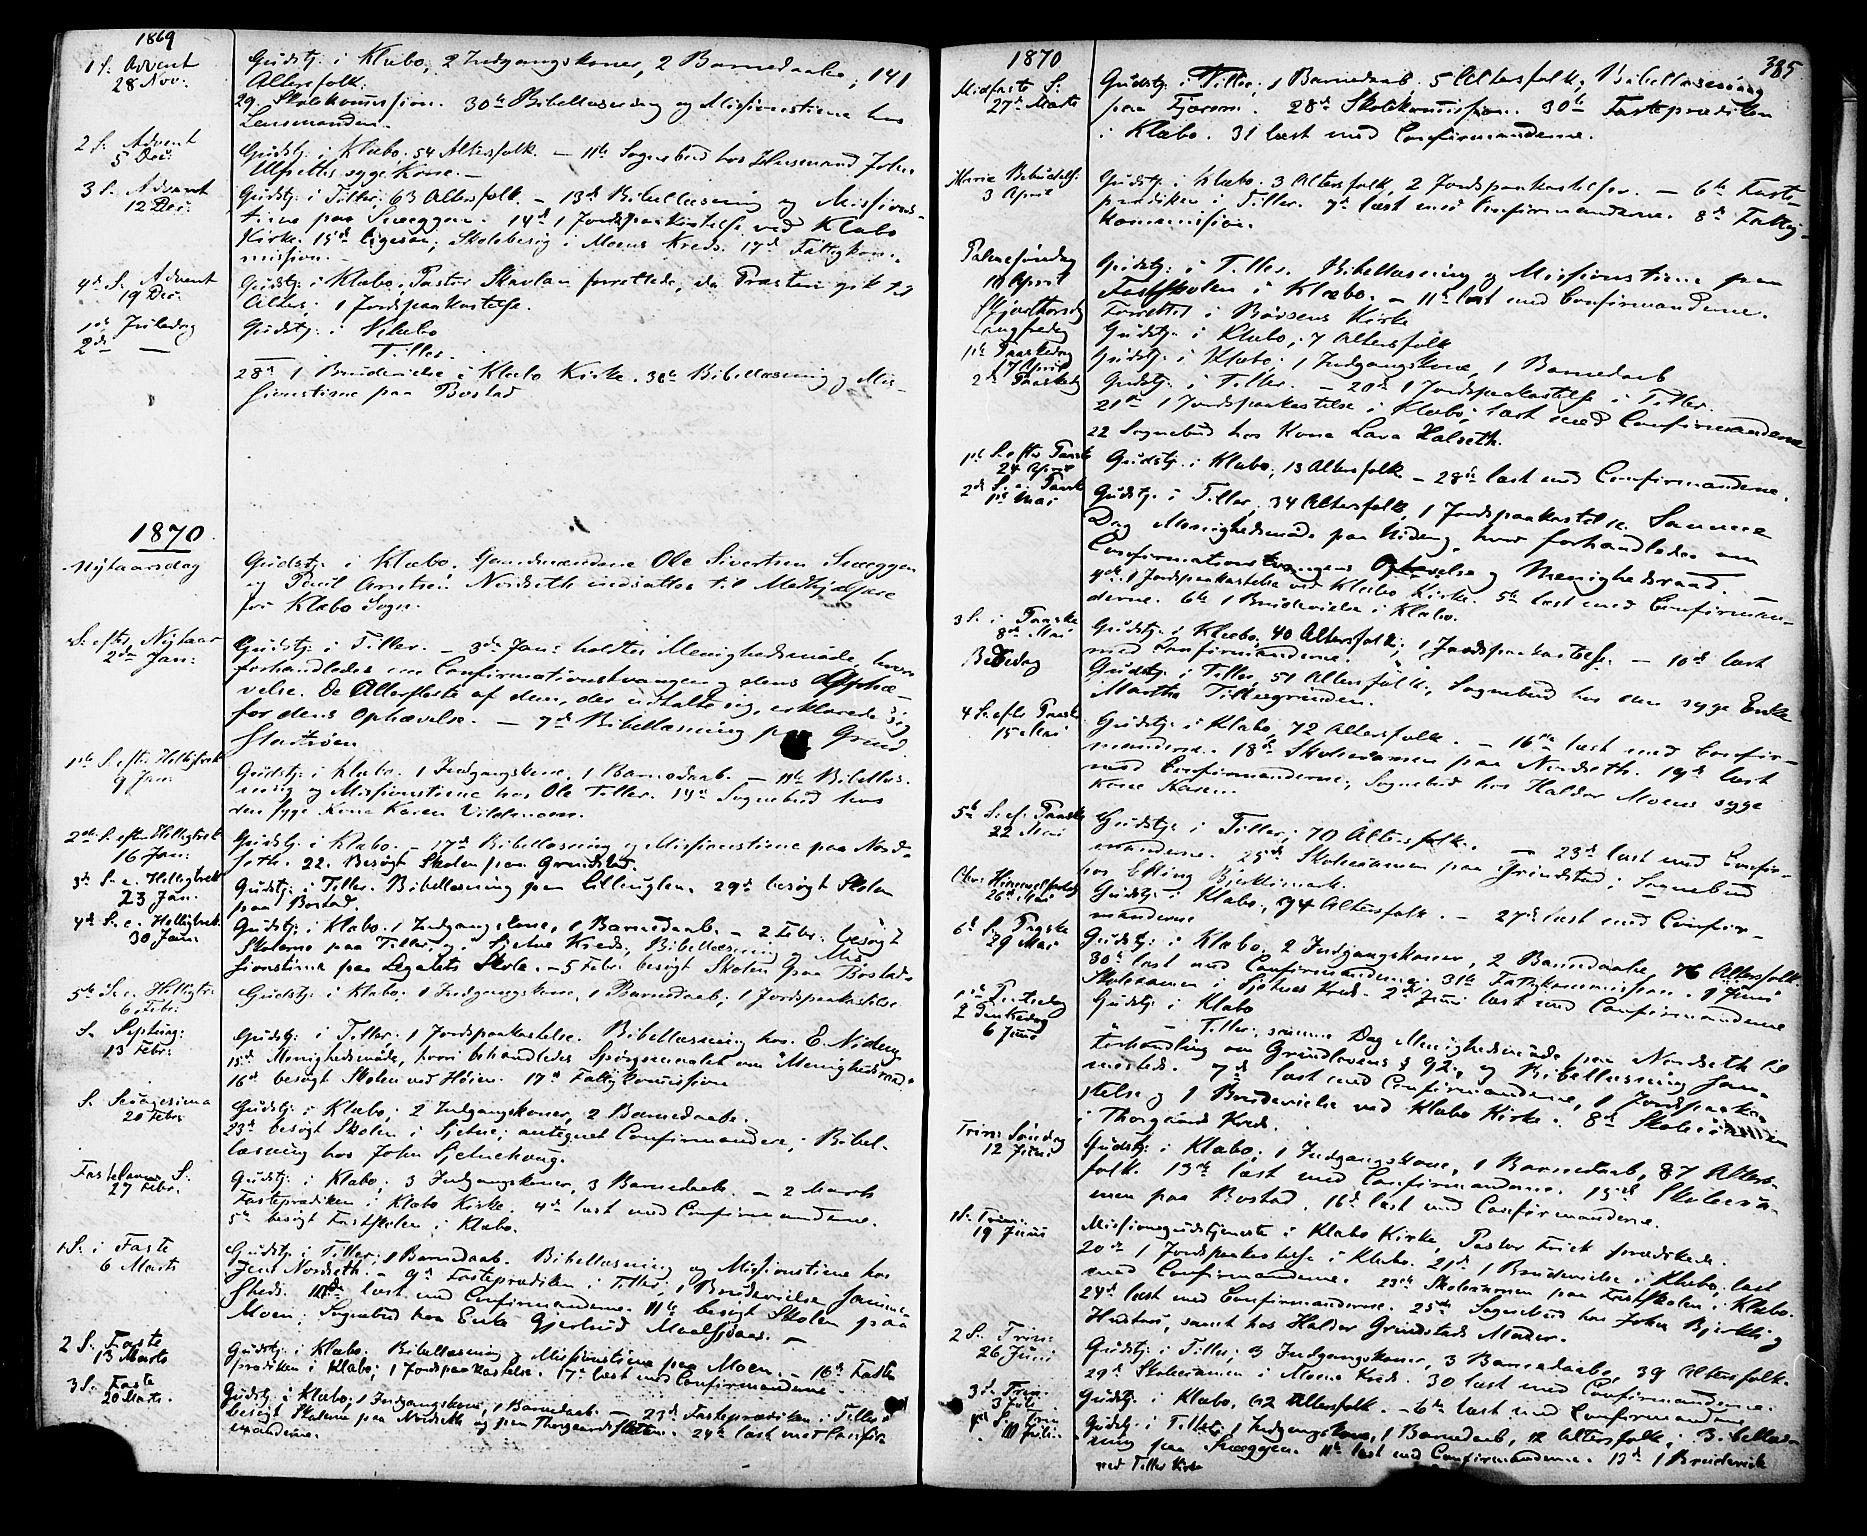 SAT, Ministerialprotokoller, klokkerbøker og fødselsregistre - Sør-Trøndelag, 618/L0442: Ministerialbok nr. 618A06 /1, 1863-1879, s. 385